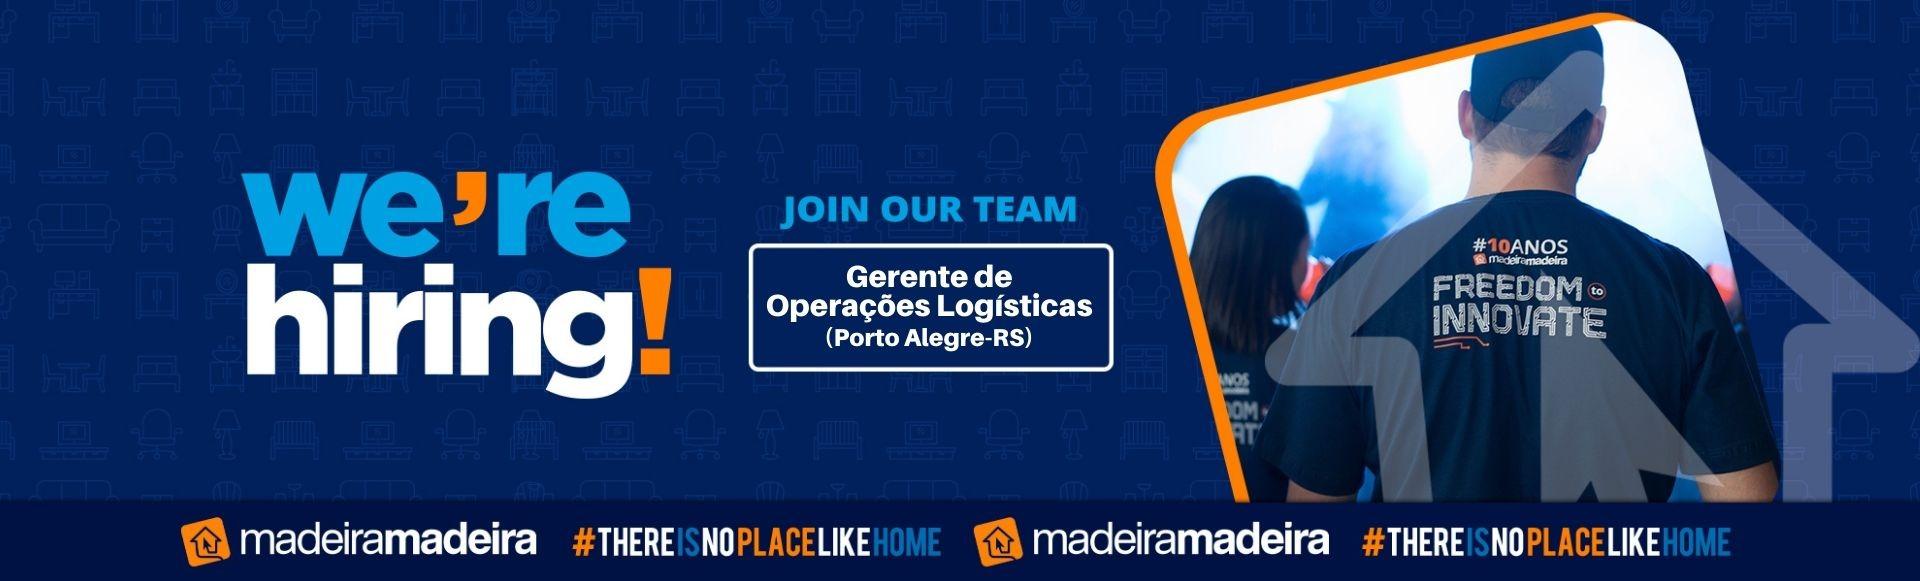 Gerente de Operações Logísticas (Porto Alegre-RS)